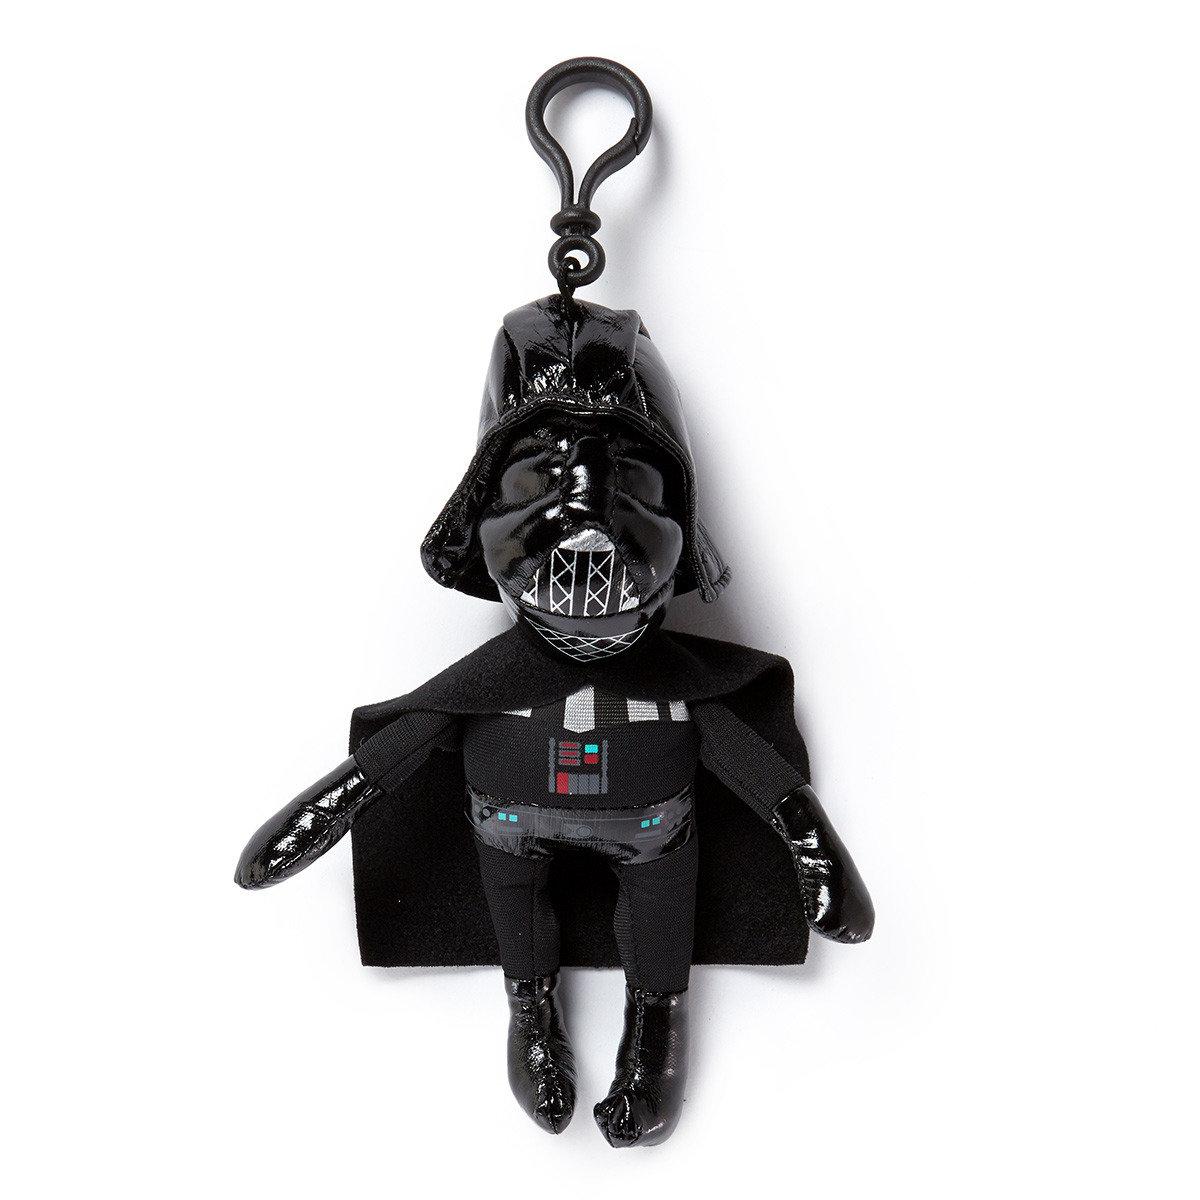 星球大戰 7 吋毛質散子包(黑武士 Darth Vader)